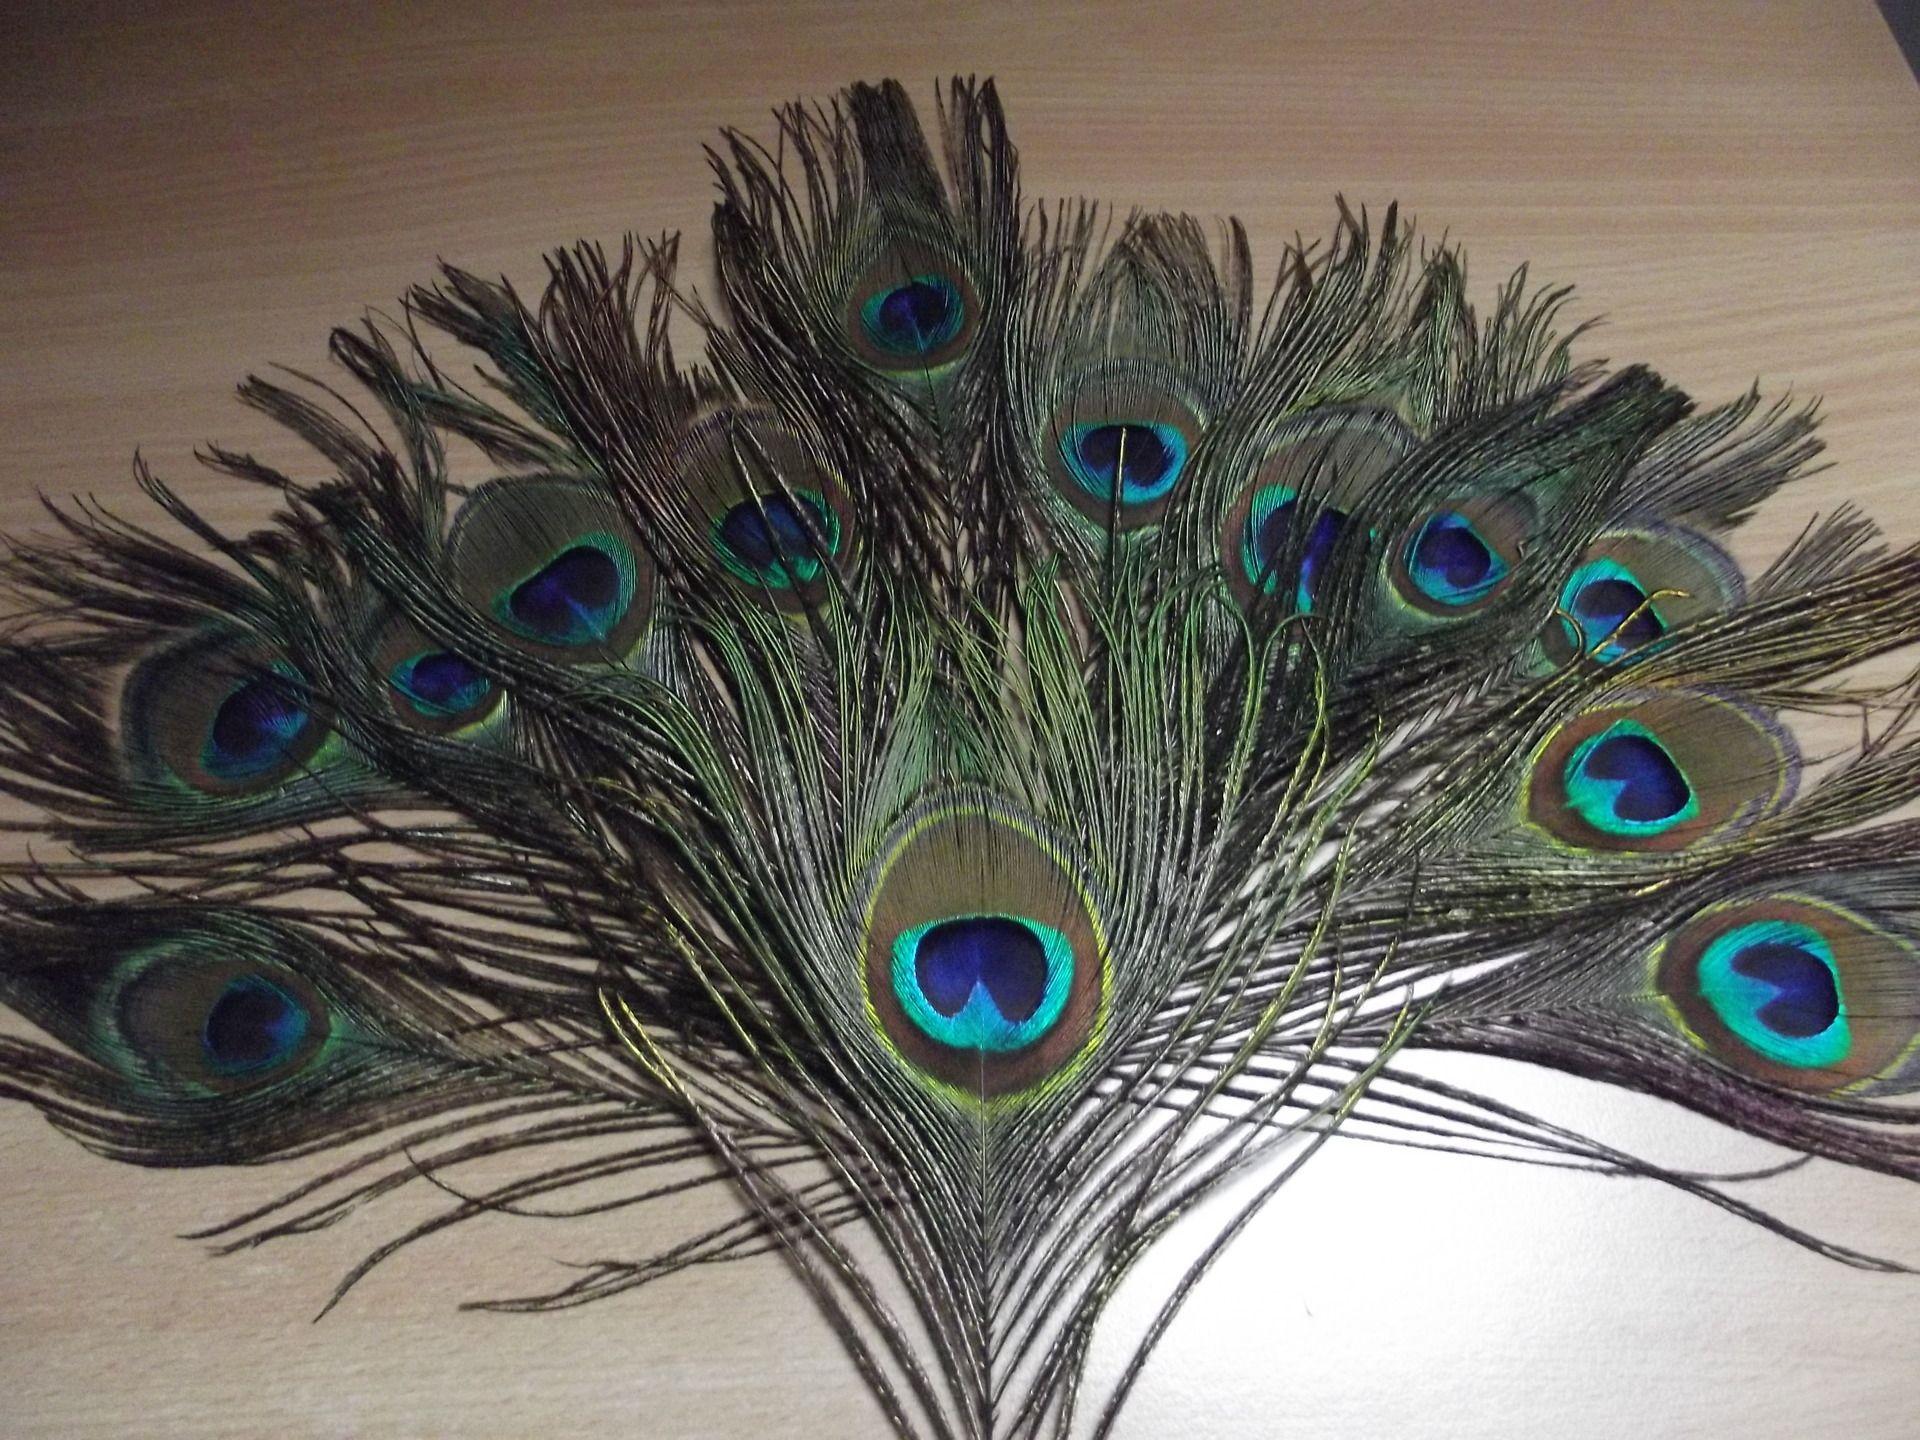 12 plumes de 20 30 cm oeils de la queue de paon pour bouquets d co d coration de table. Black Bedroom Furniture Sets. Home Design Ideas